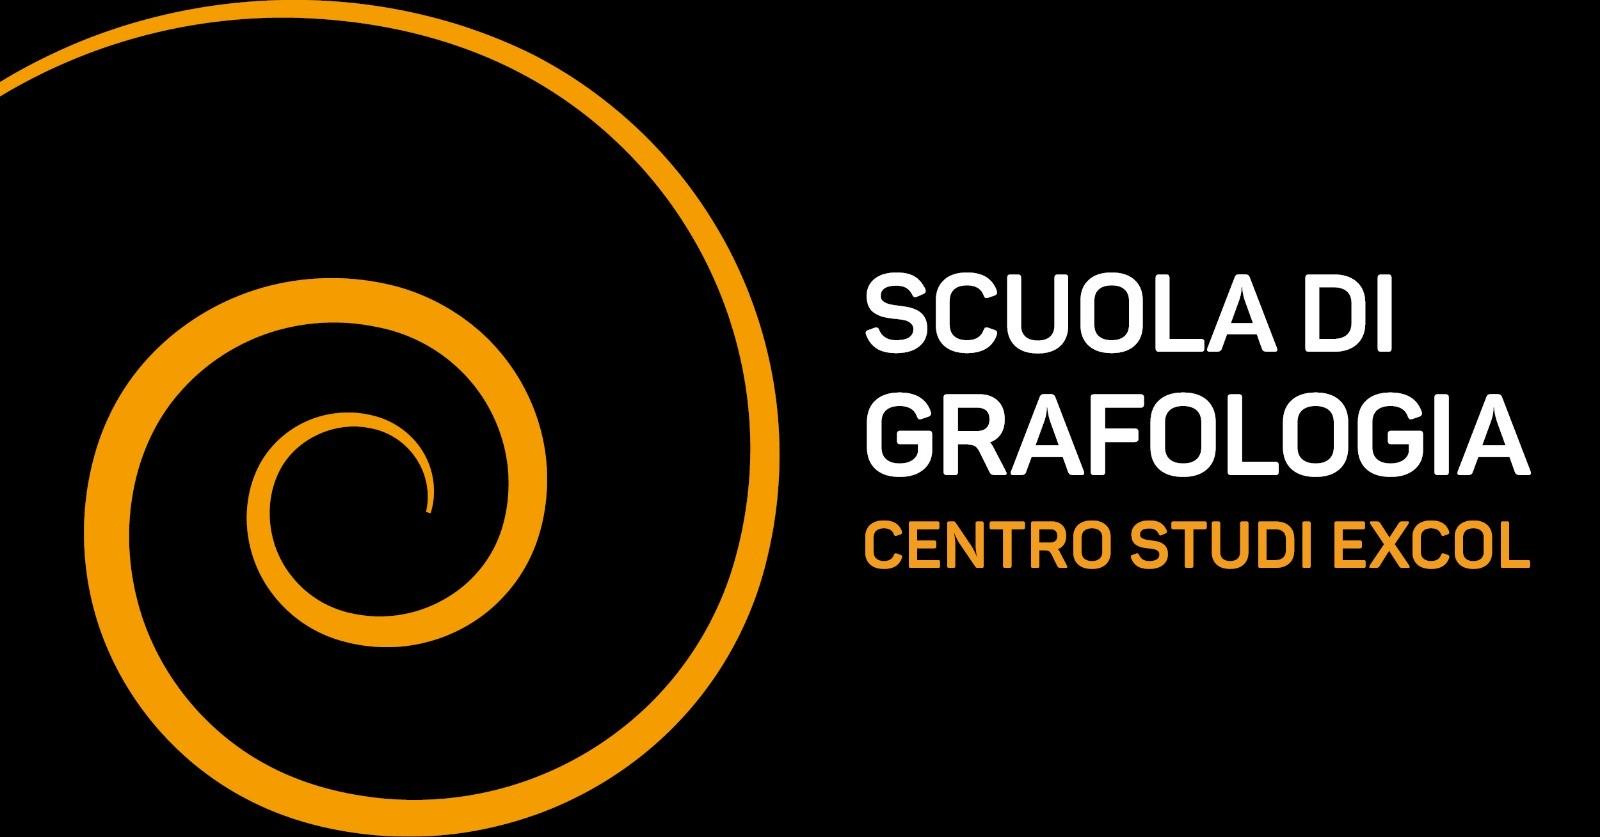 presentazione scuola di grafologia